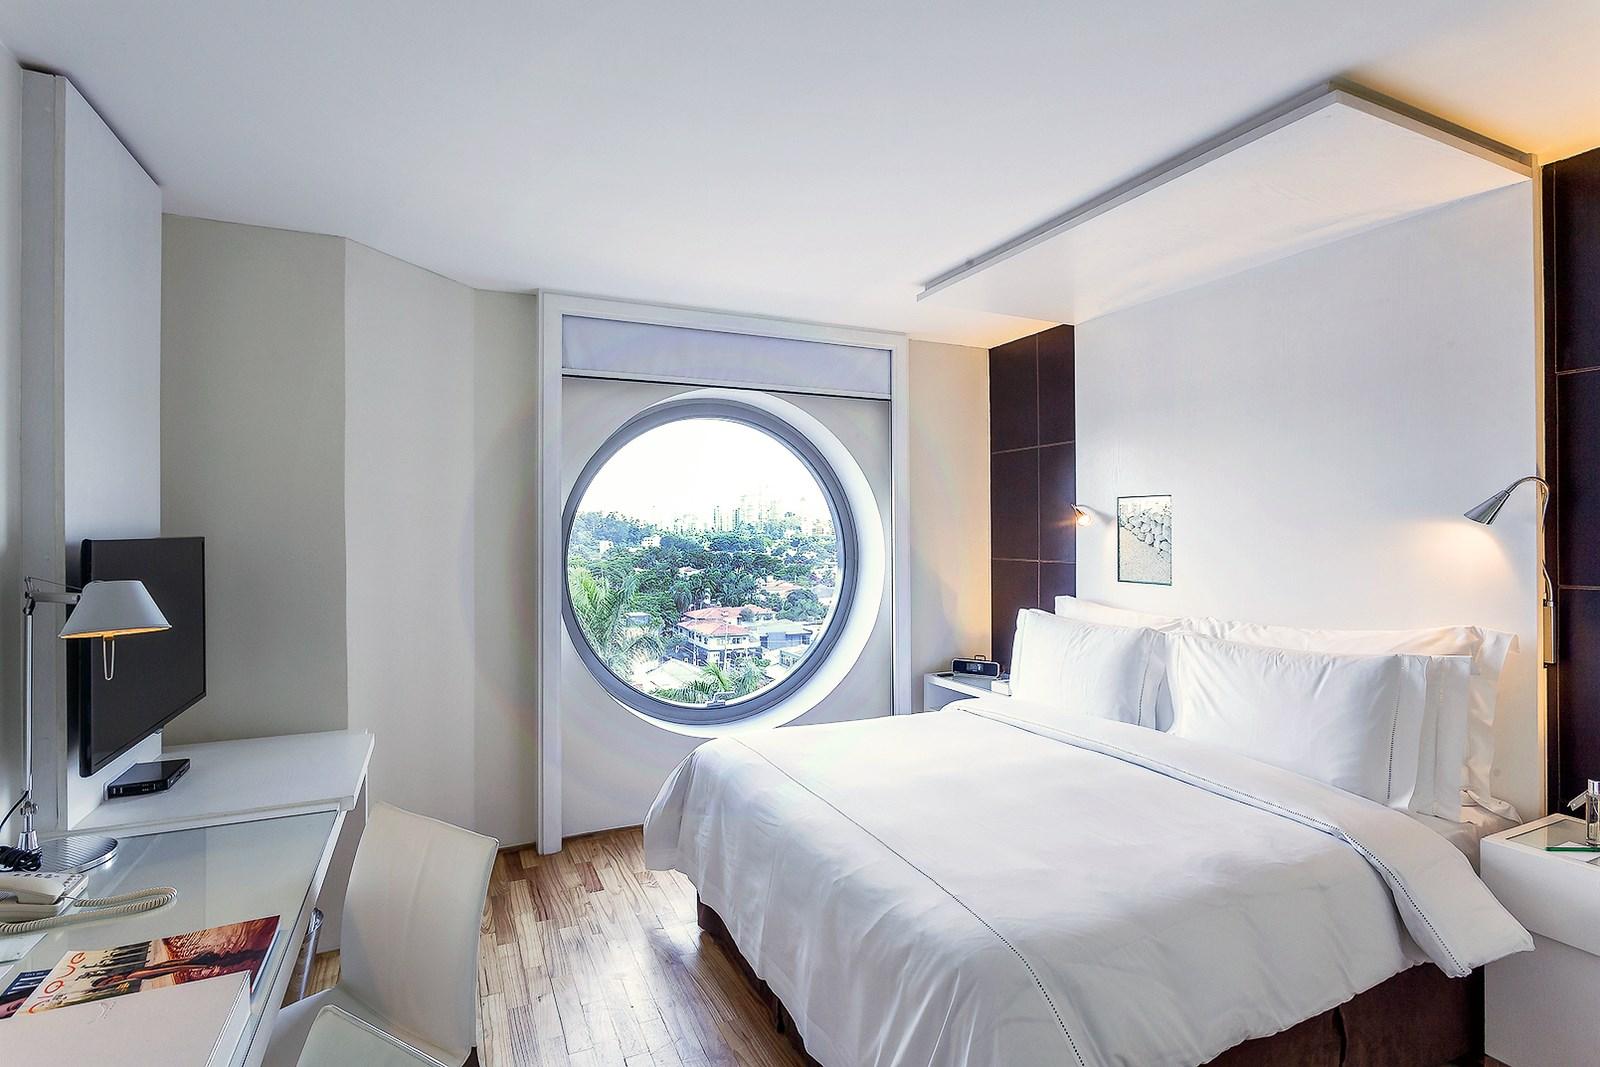 Modern byt brazilsk hotel unique v pl tku melounu for Hotel decor original